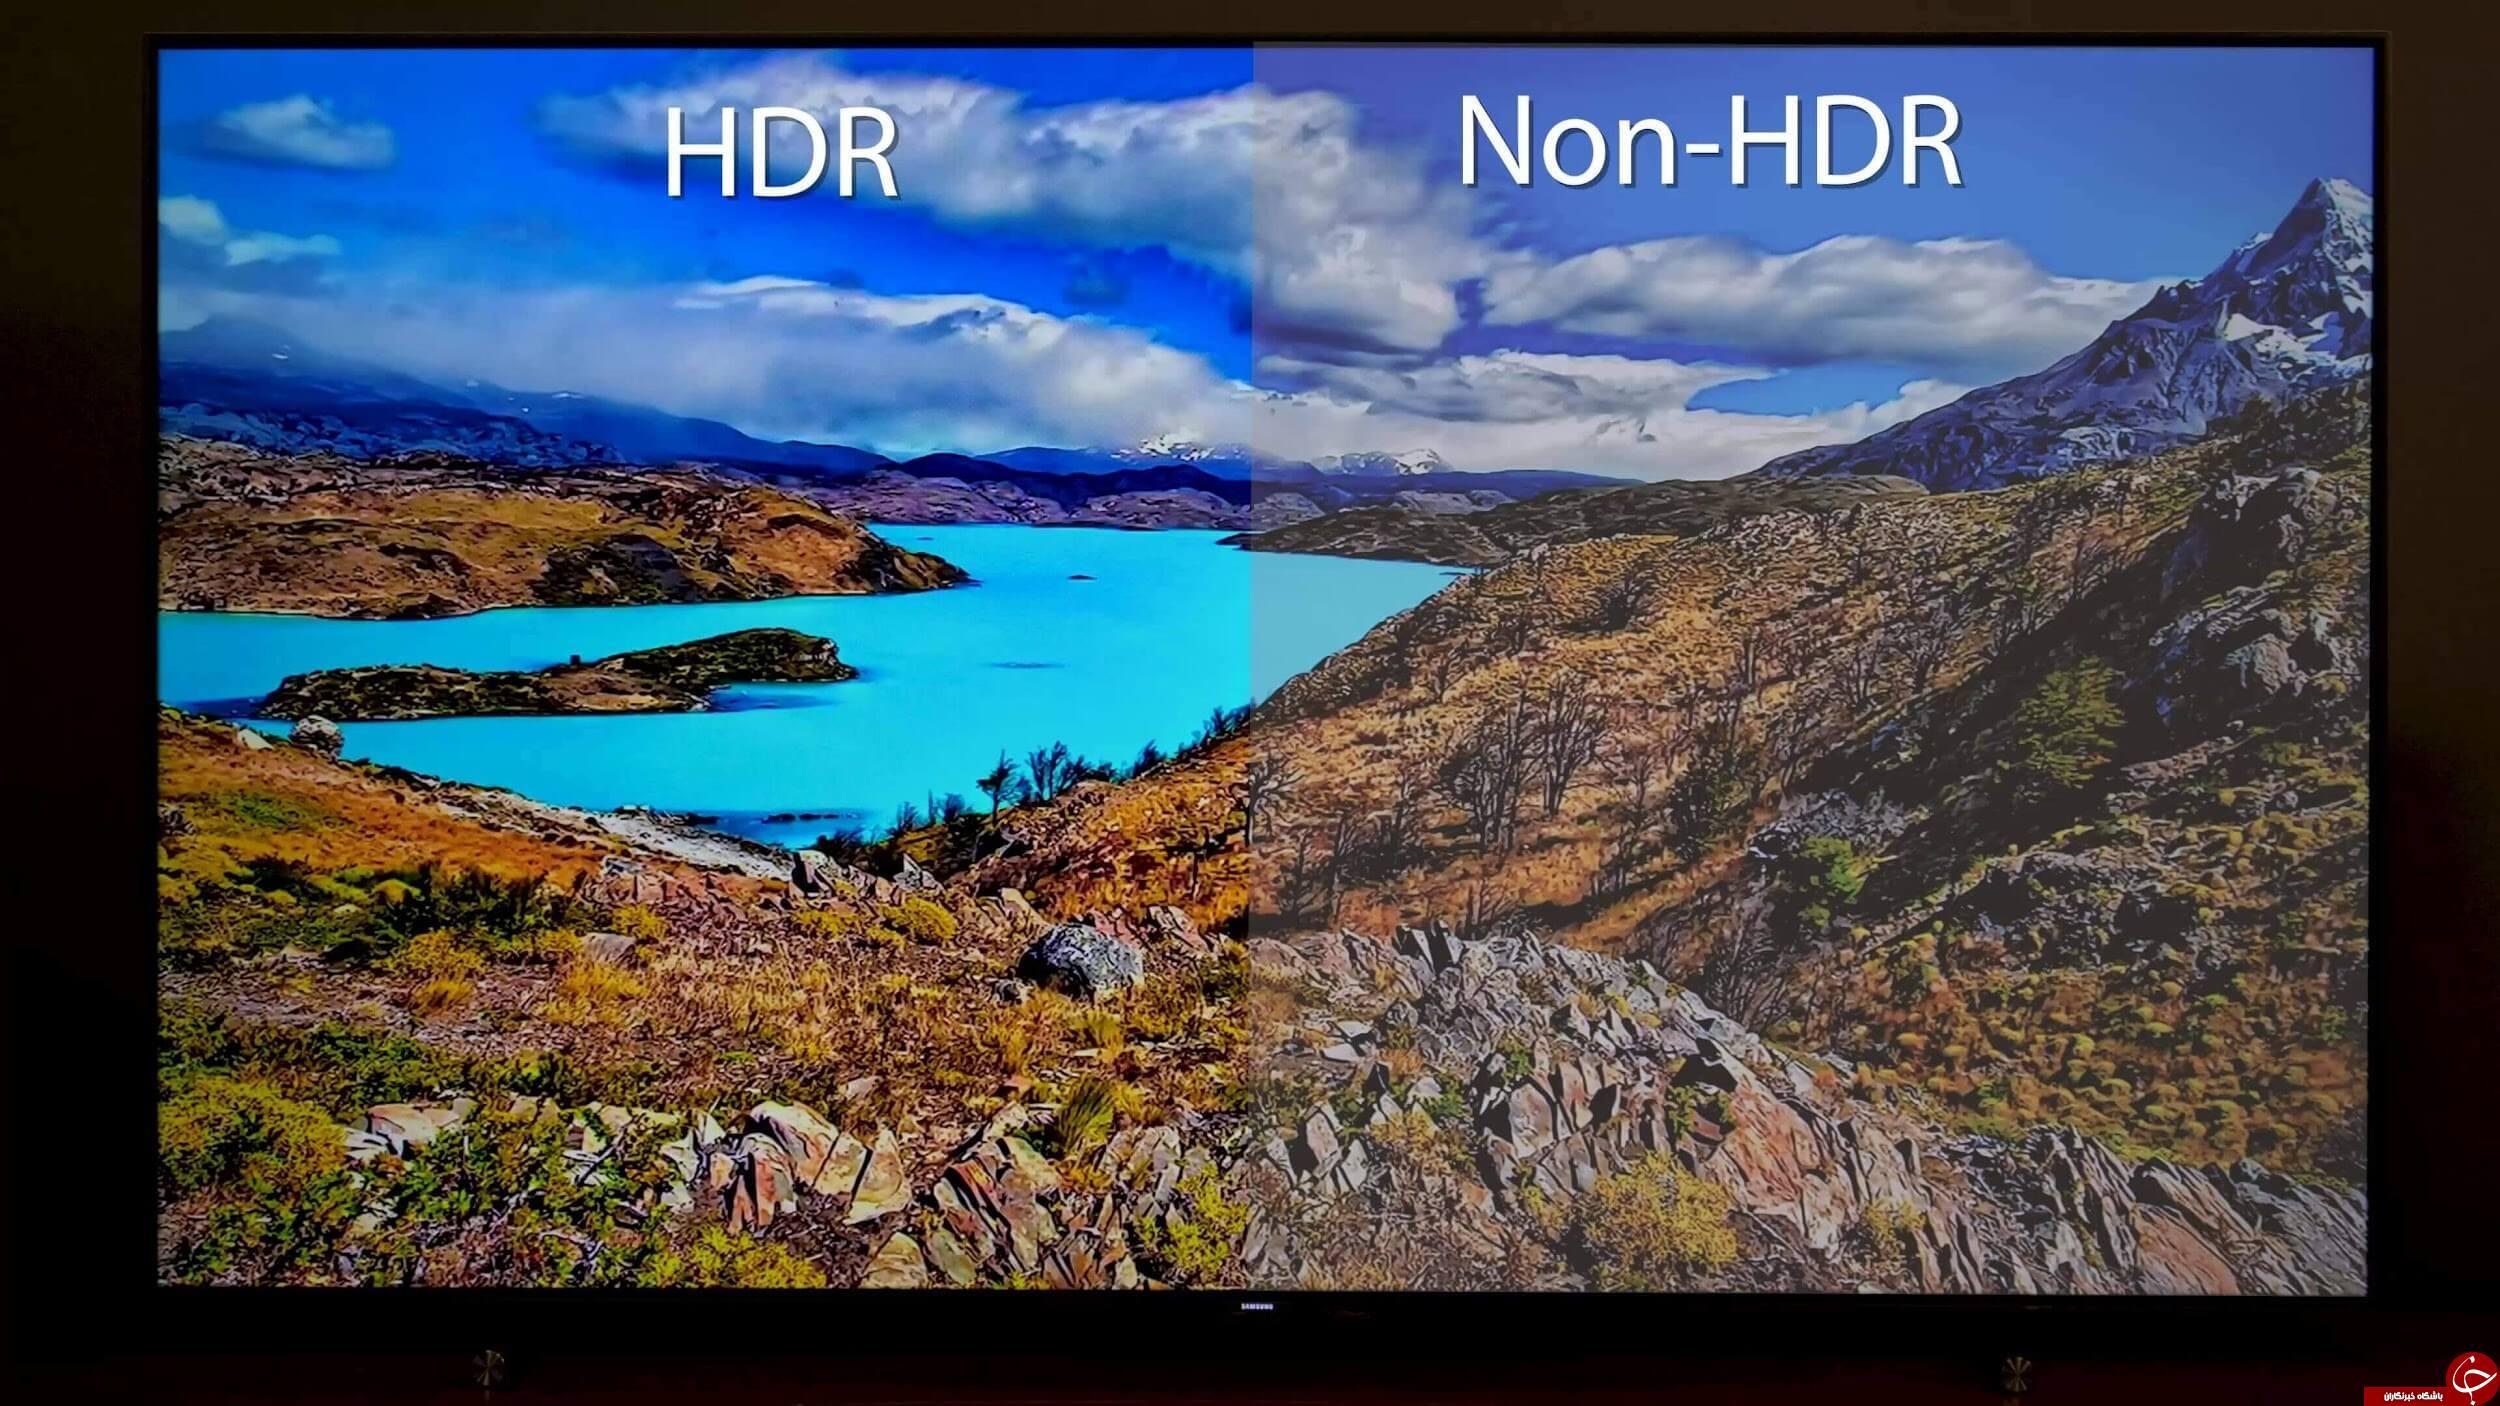 بررسی تخصصی انواع HDR های موجود / از دالبی ویژن چه می دانید؟